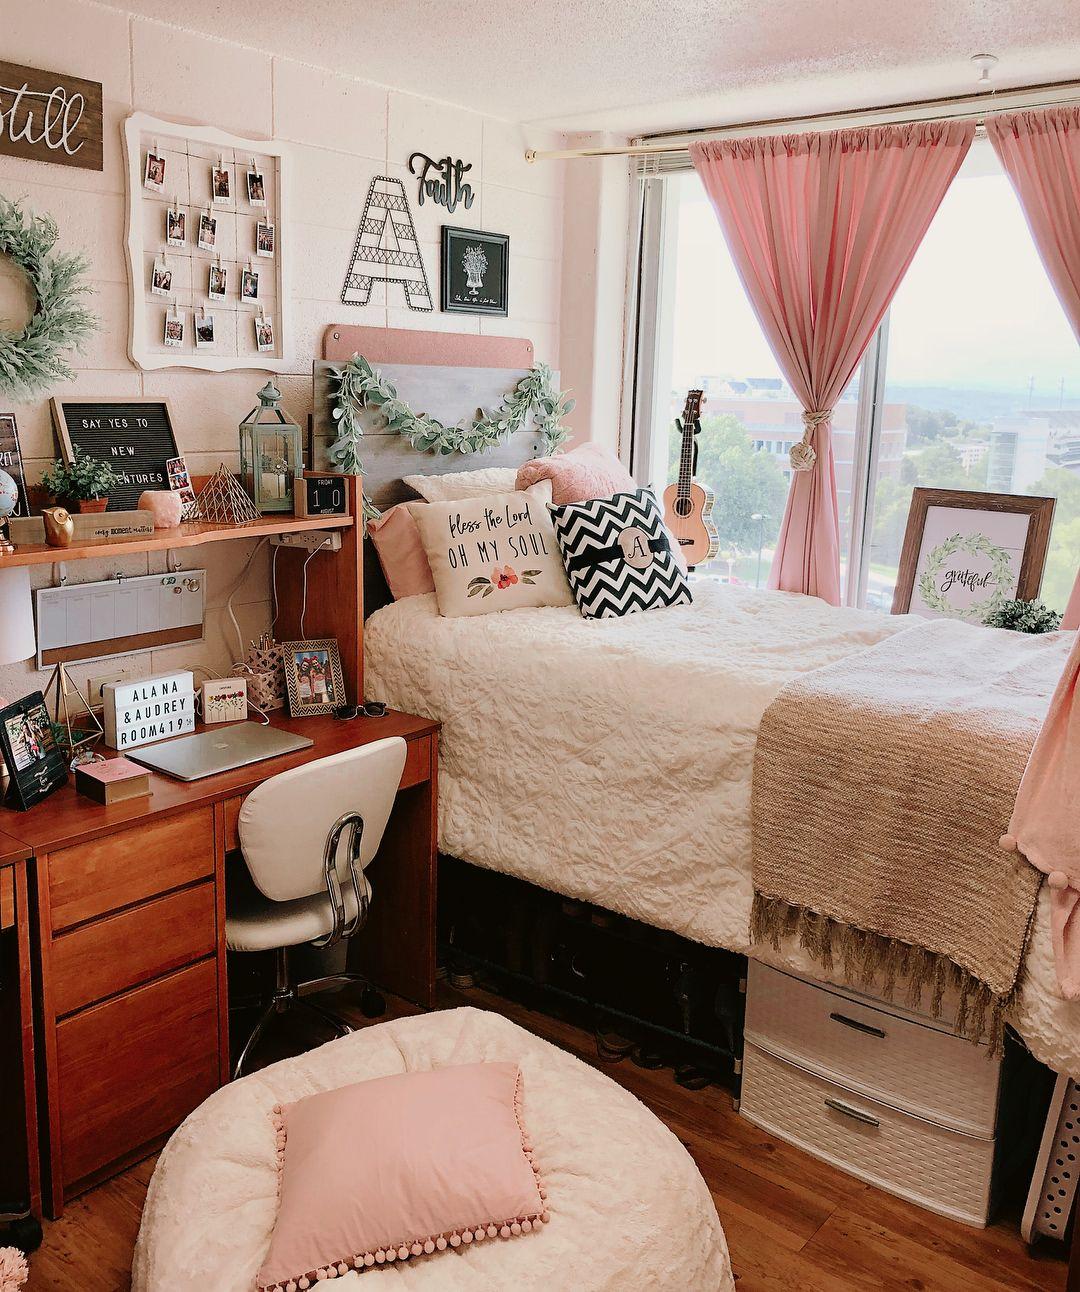 Дизайн интерьера комнат в общежитии фото 13